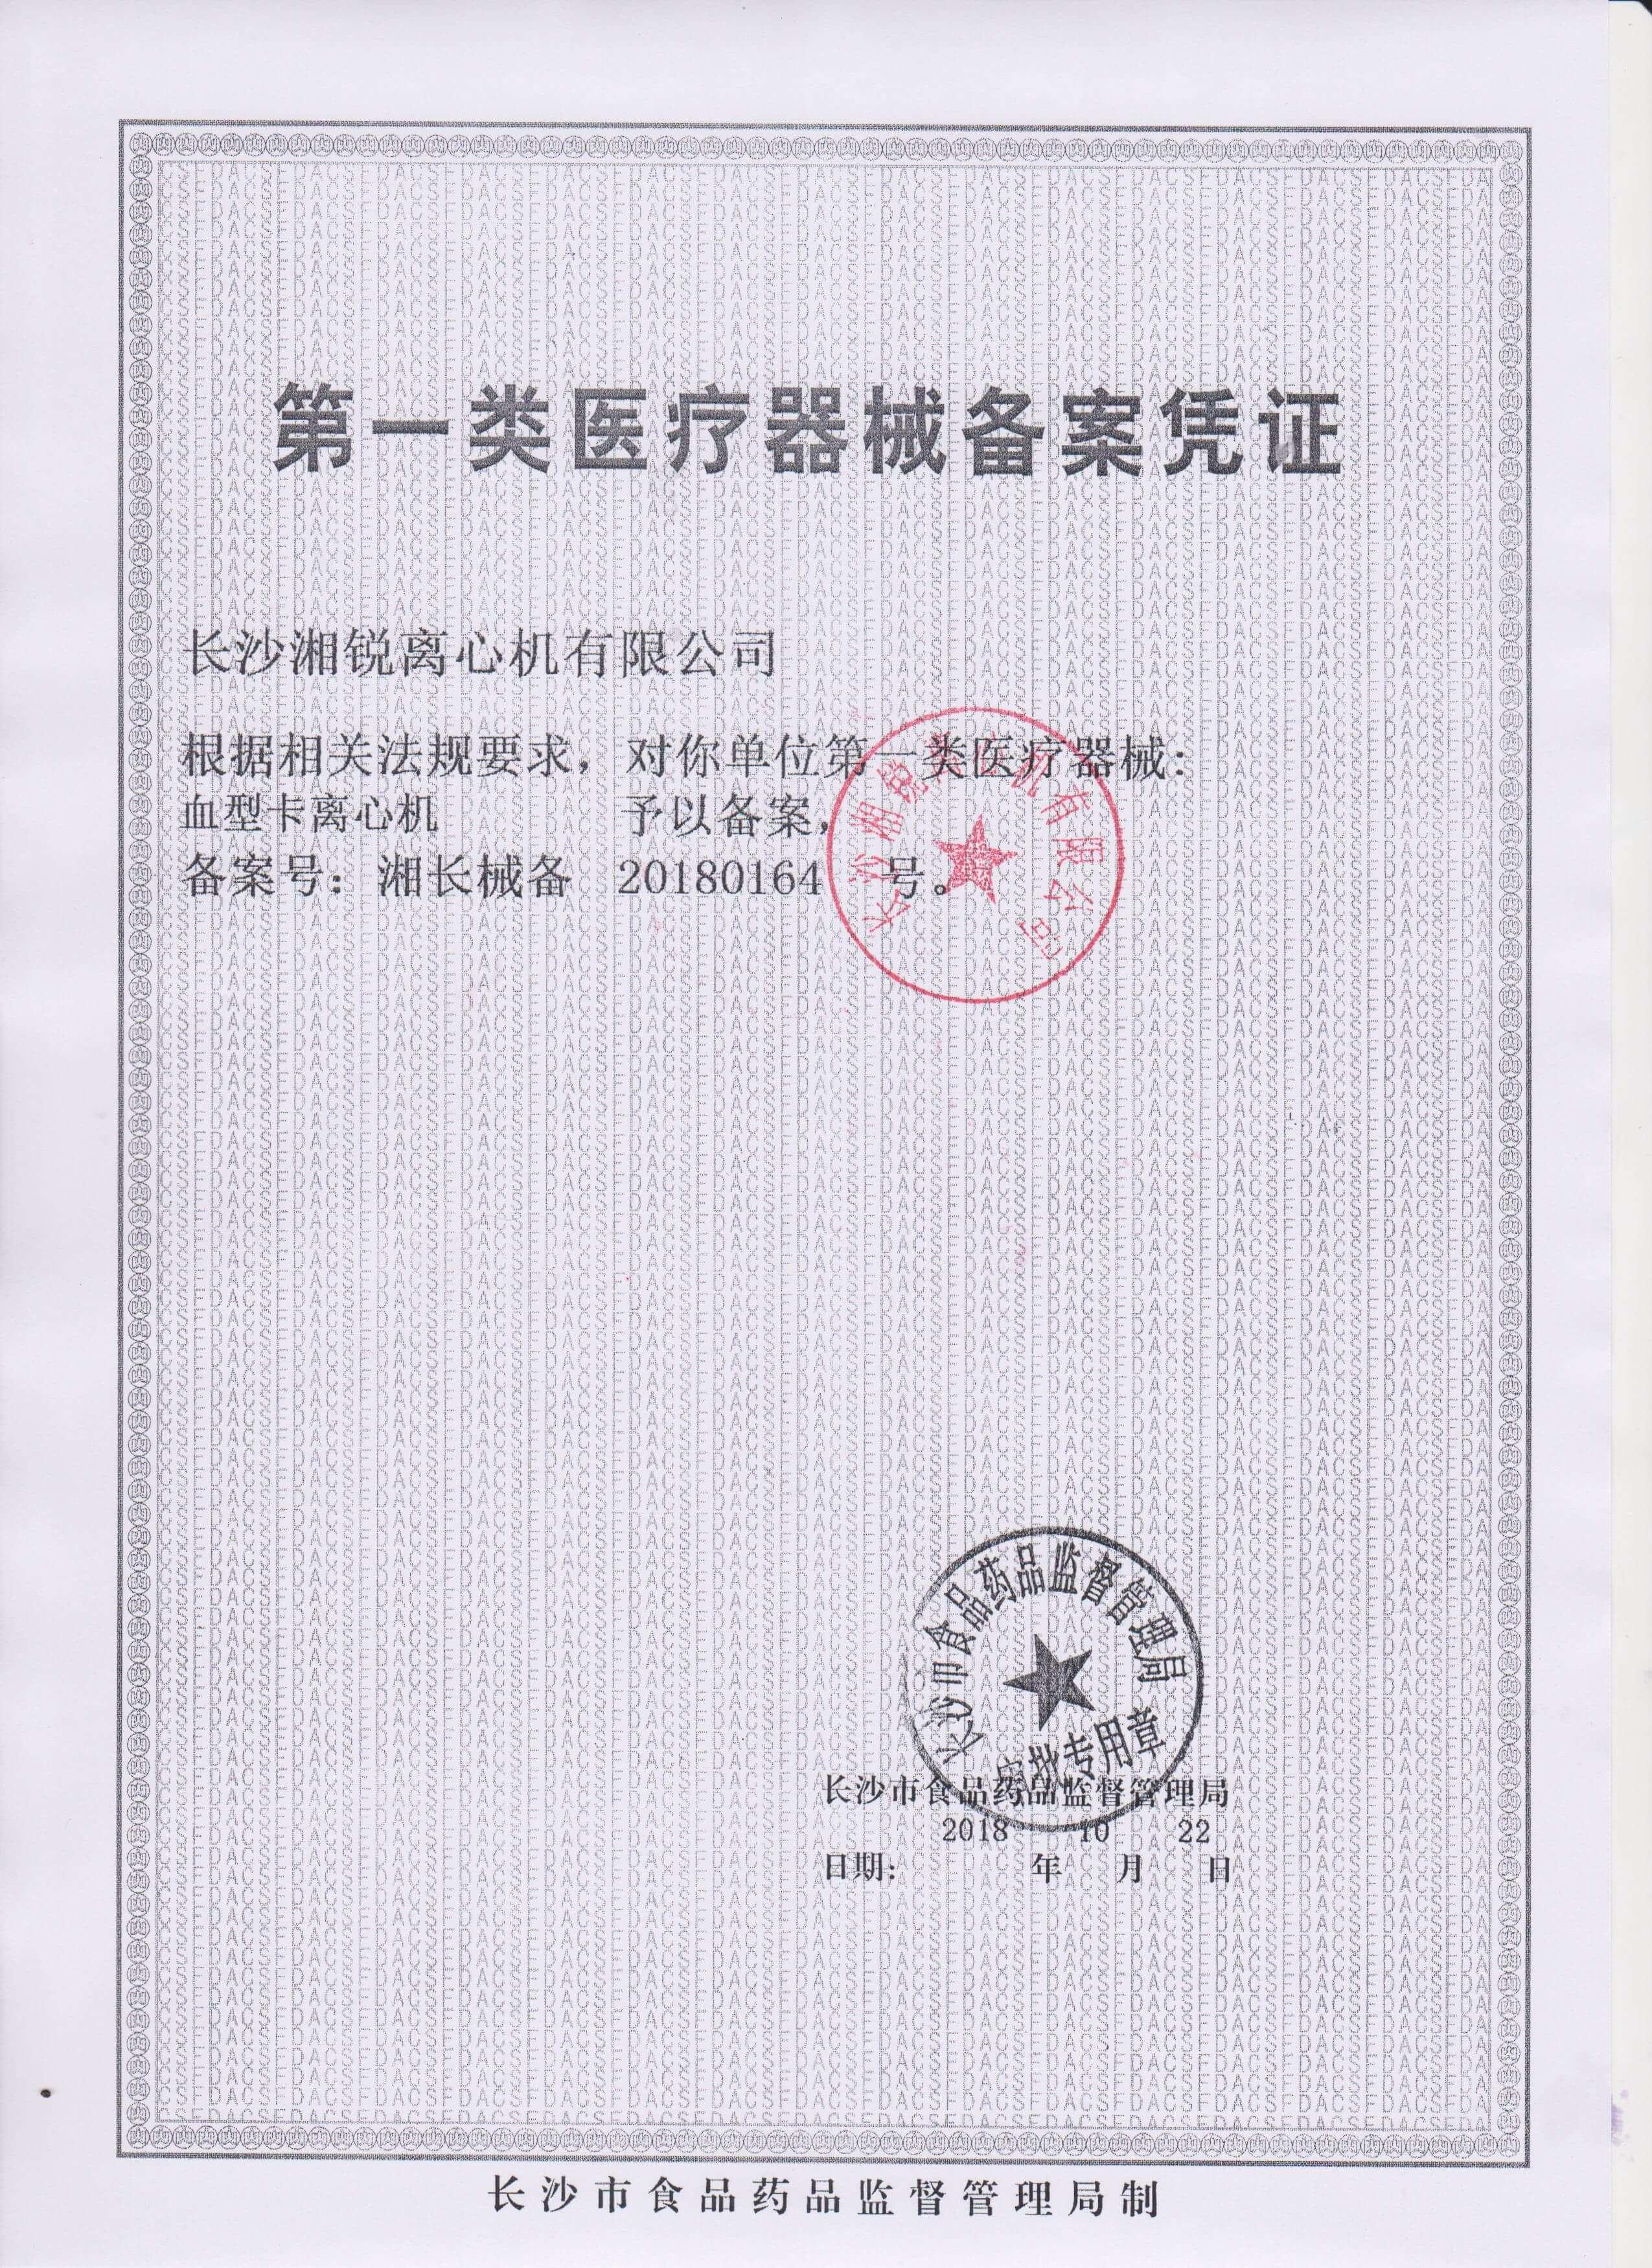 一類醫療器(qi)械dang)赴鈣局(ju)血型卡)20180164